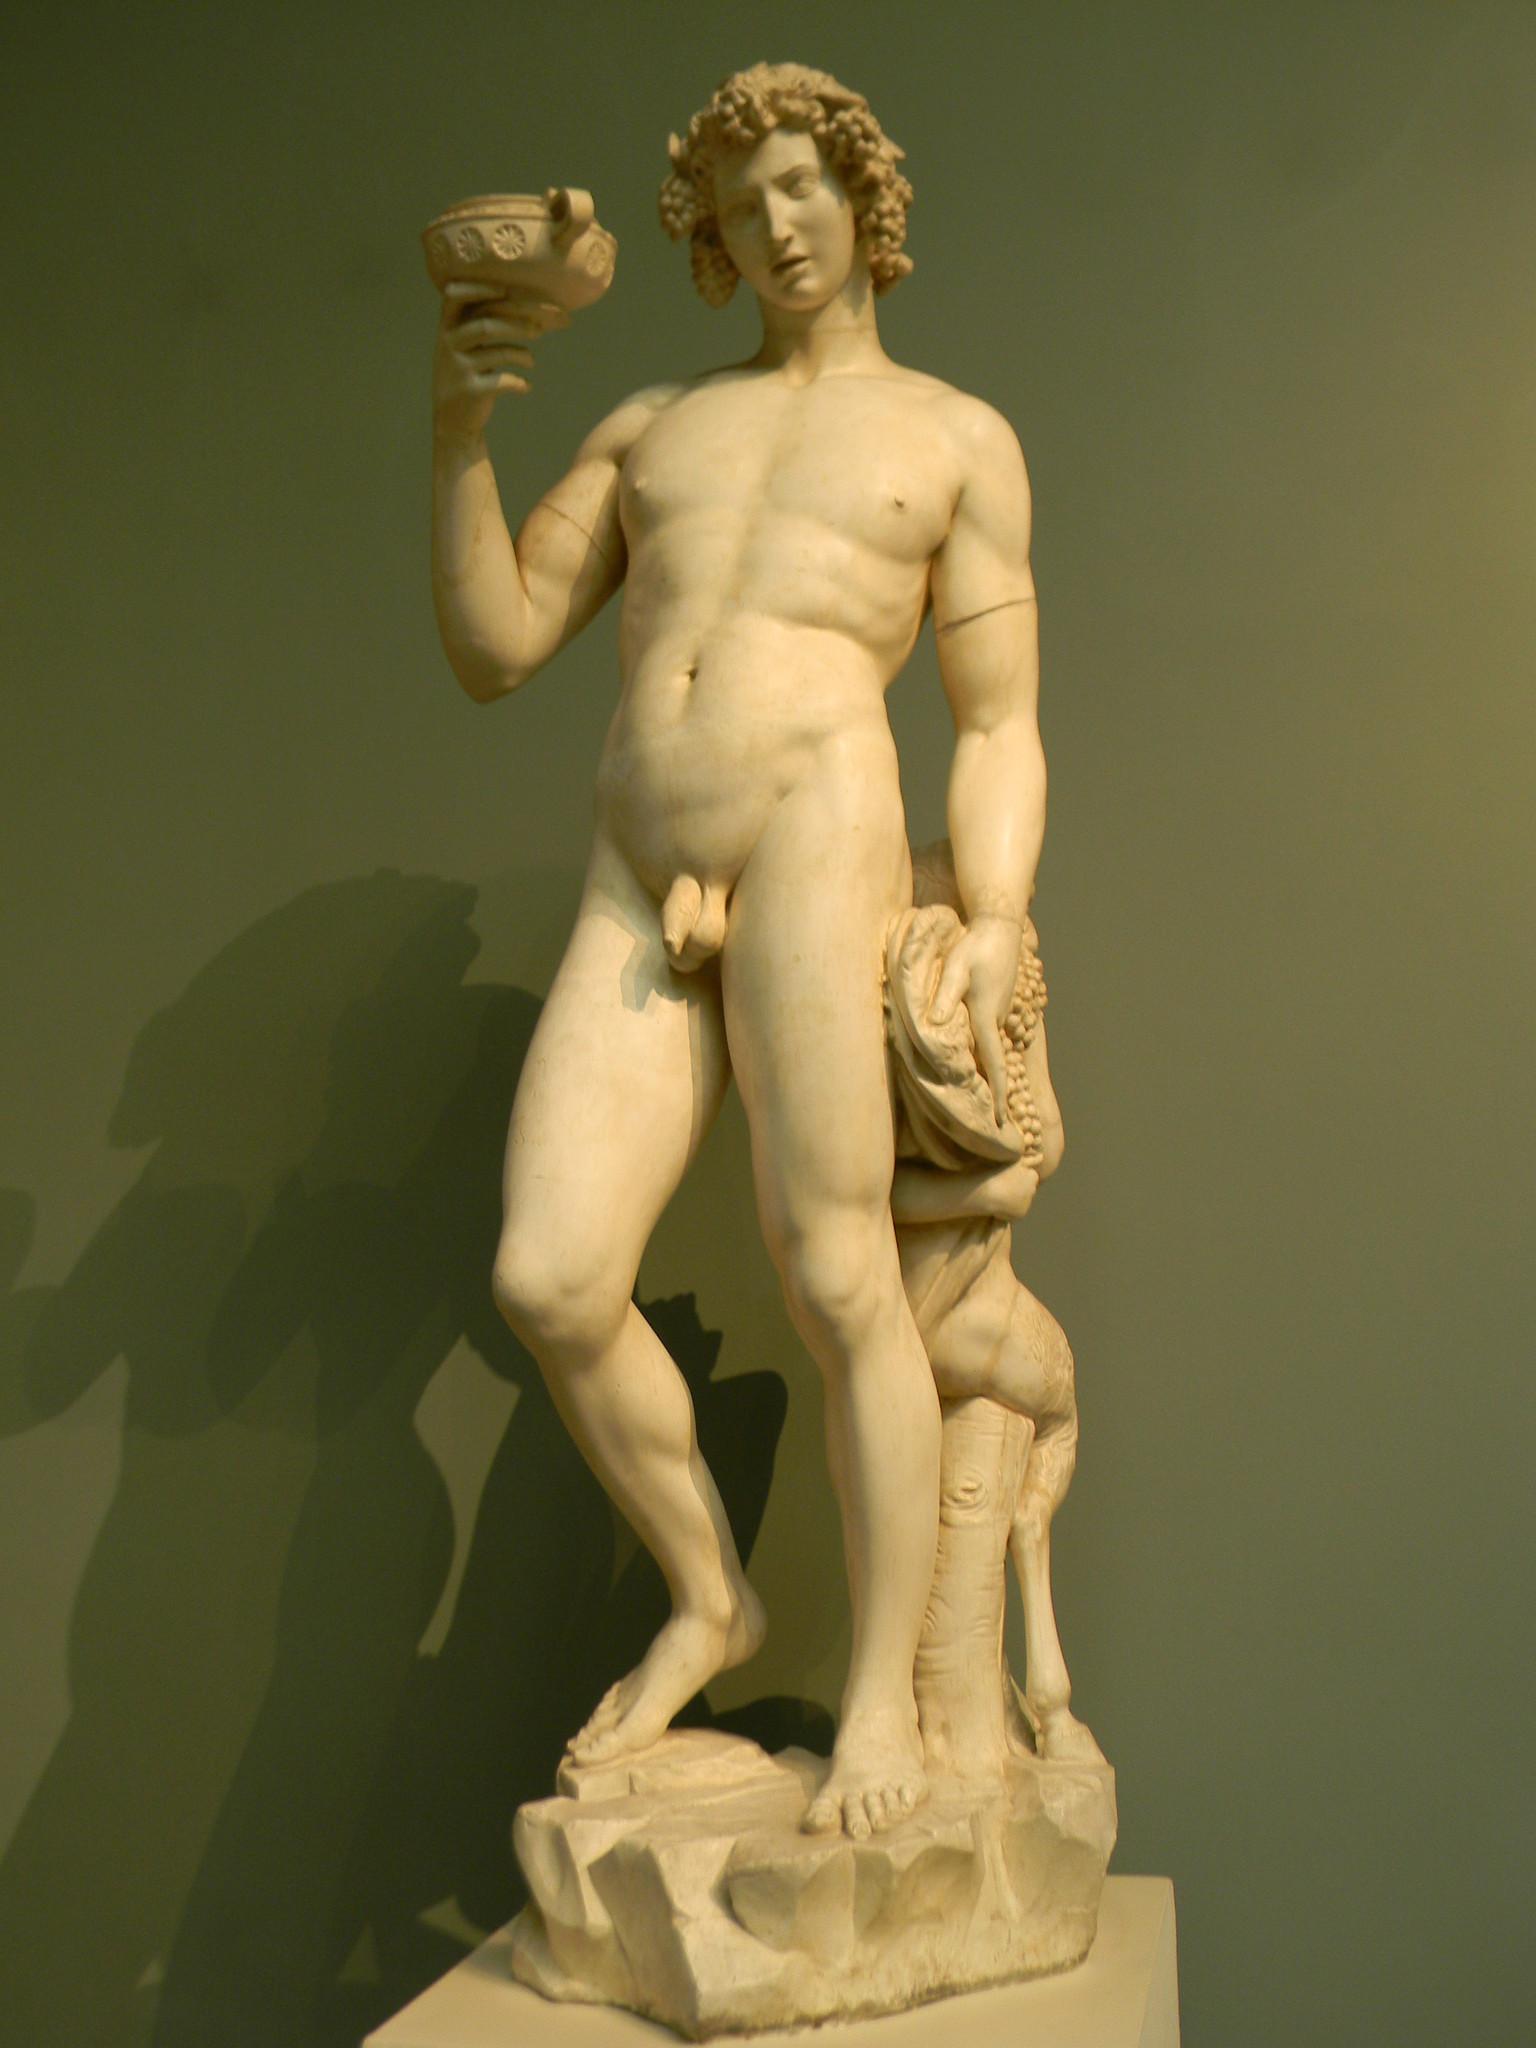 Древнеримский бог «Вакх». Микеланджело Буонарроти. Слепок. Подлинник - мрамор. Национальный музей, Флоренция, Италия